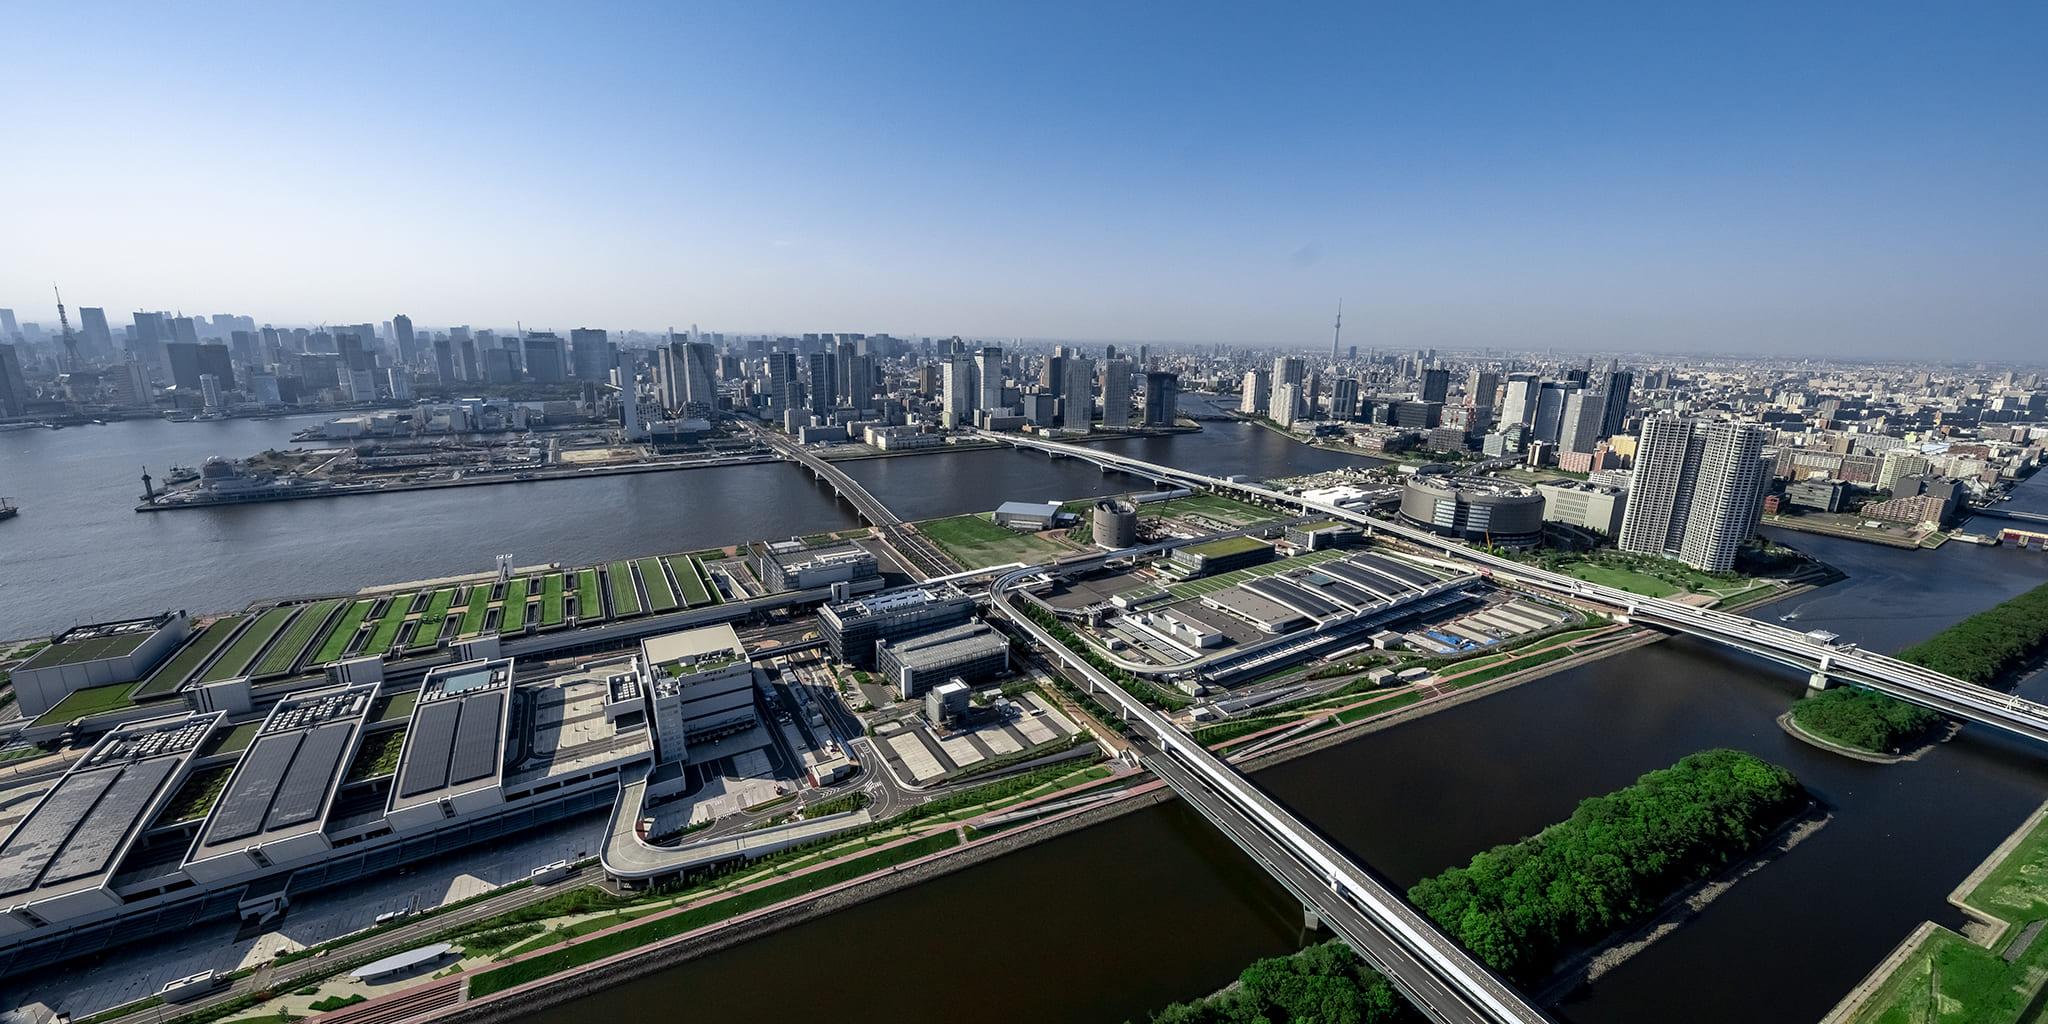 ヘリコプターで東京上空をフライトして見える豊洲